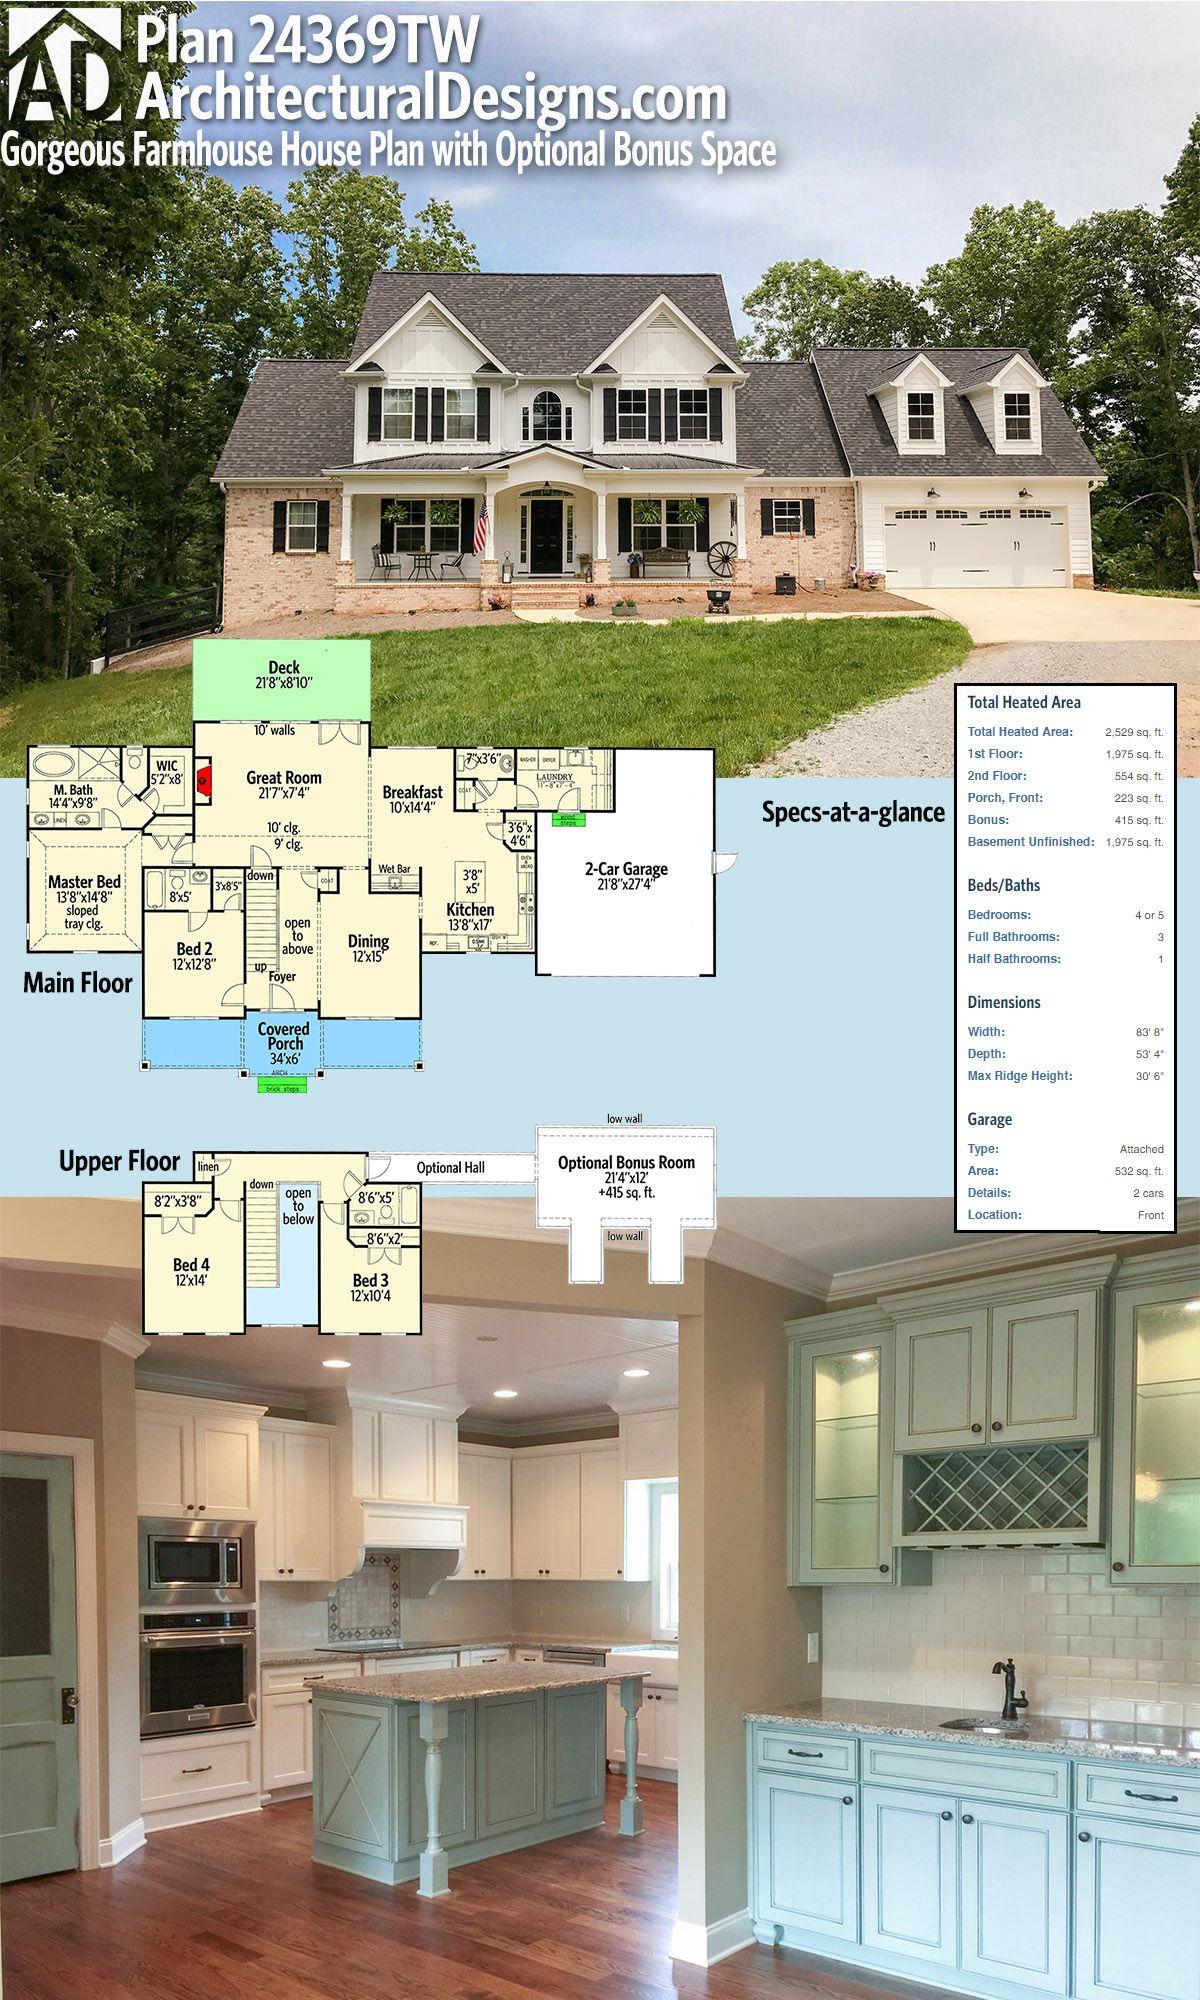 Plan TW Gorgeous Farmhouse House Plan with Optional Bonus Space